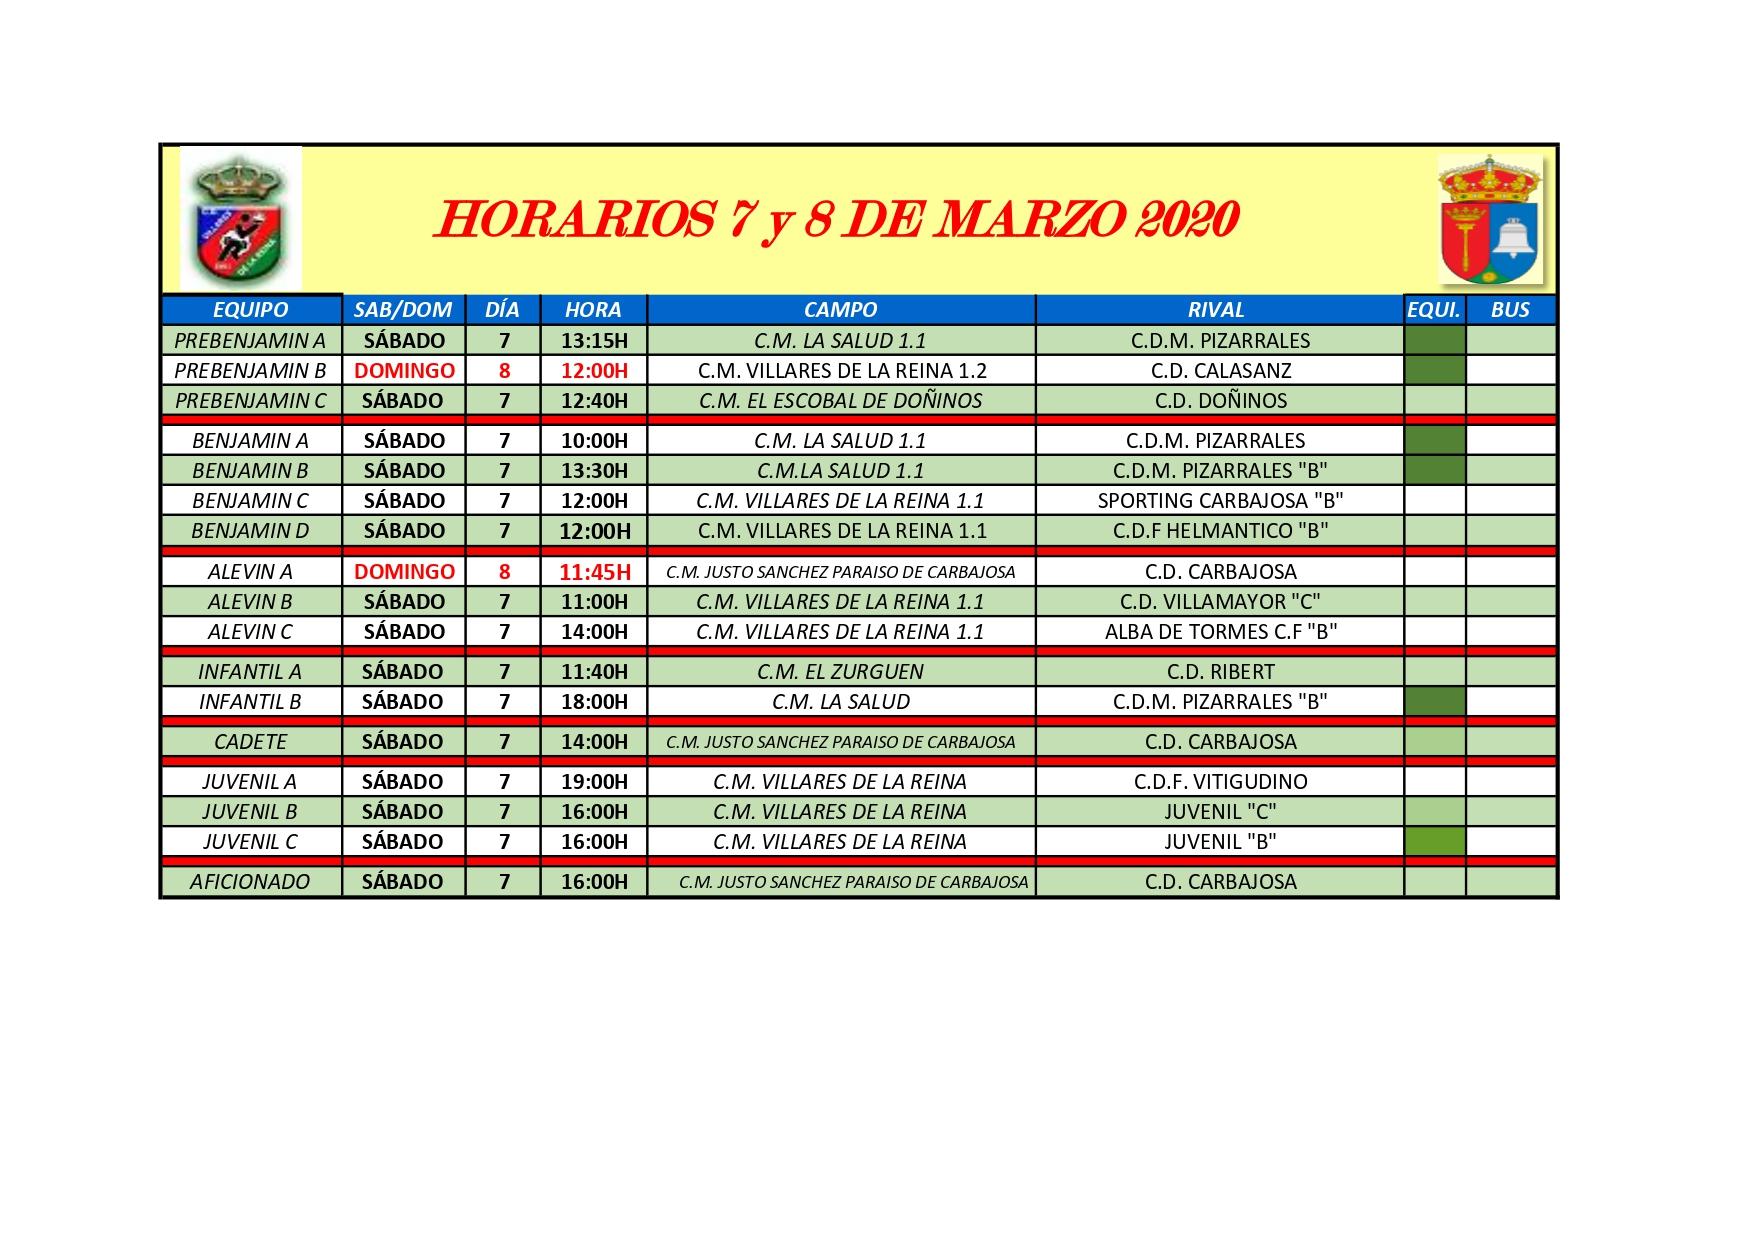 HORARIOS S�BADO 7 Y DOMINGO 8 DE MARZO DE 2020